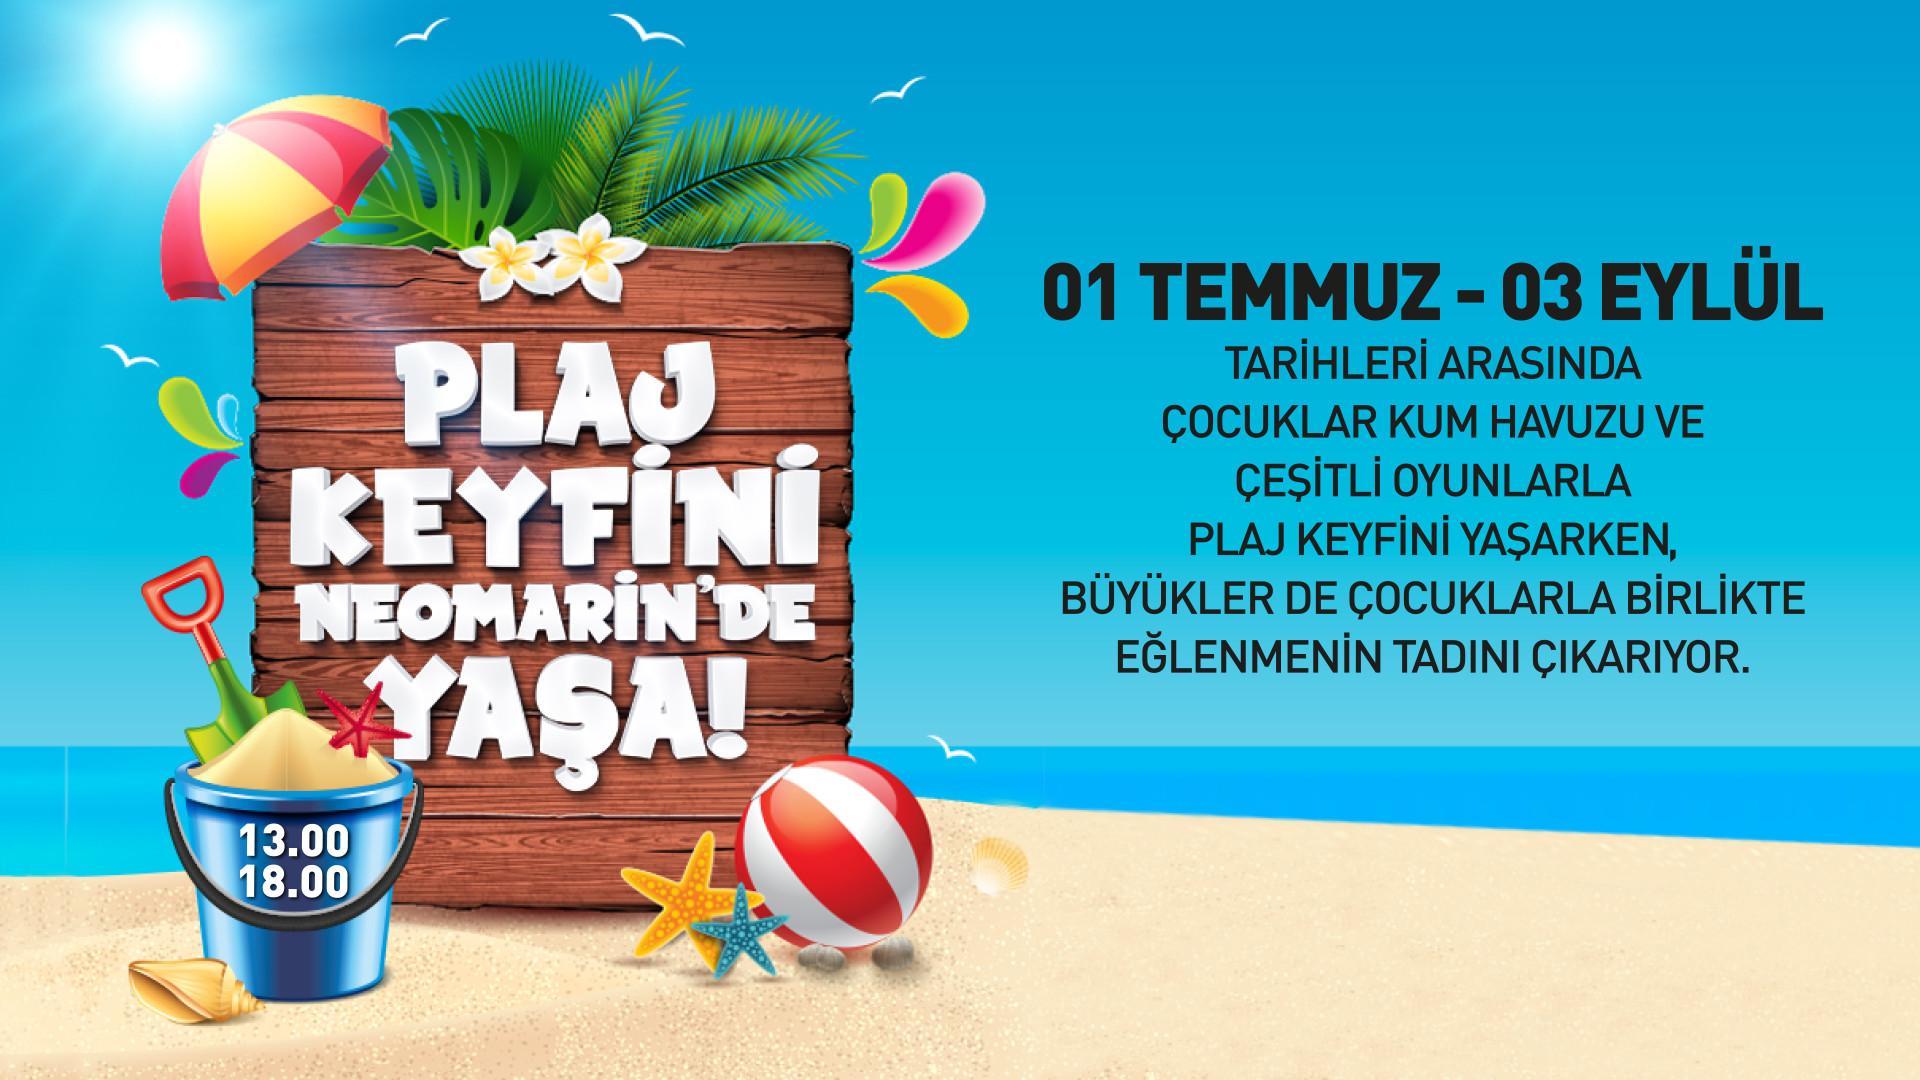 Plaj Keyfini Neomarin'de Yaşa